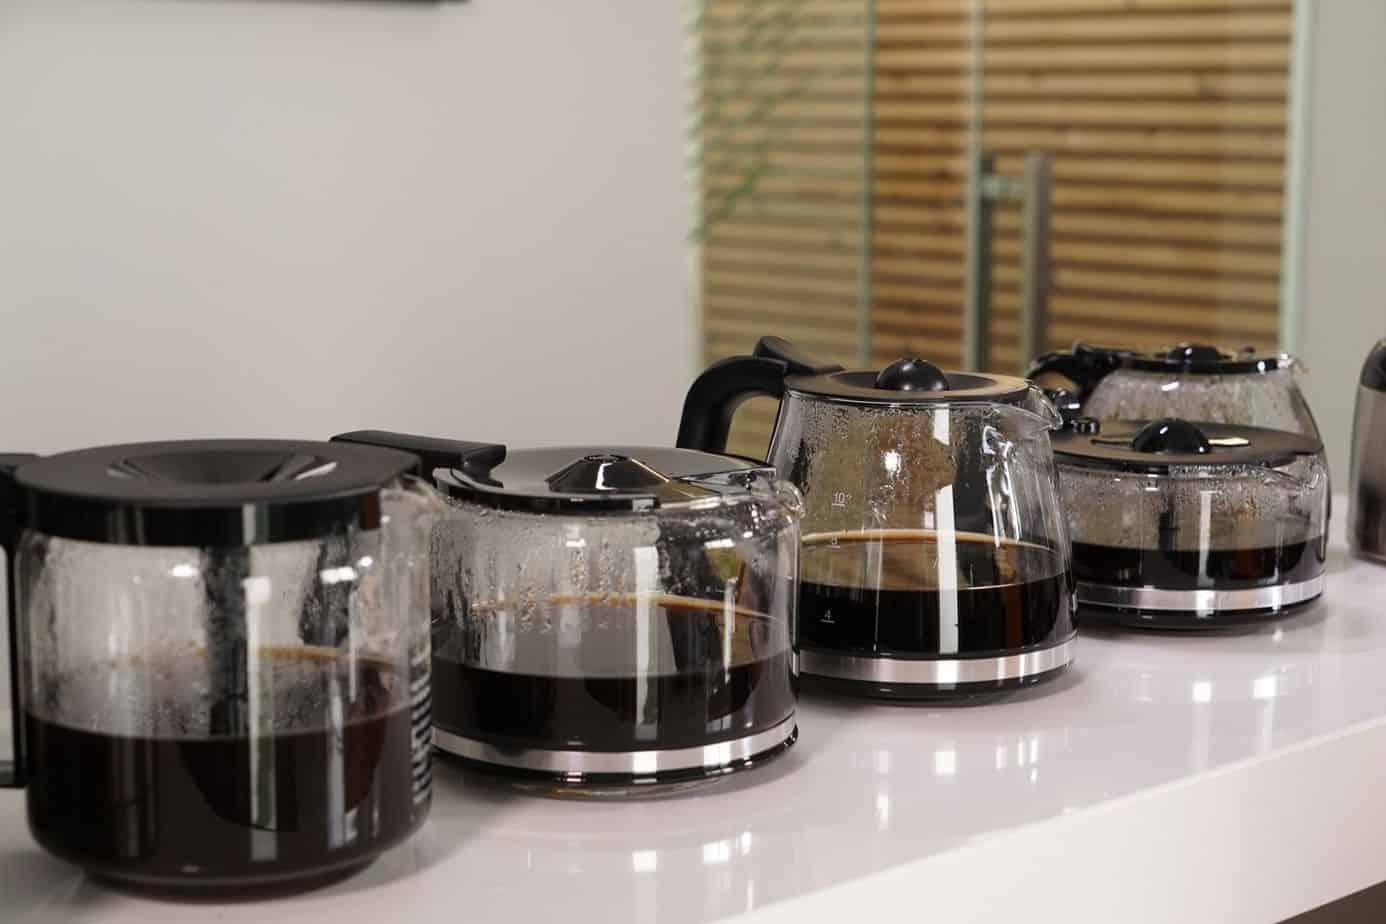 Kaffeemaschine Alle im Vergleich Kaffee vorbereitet